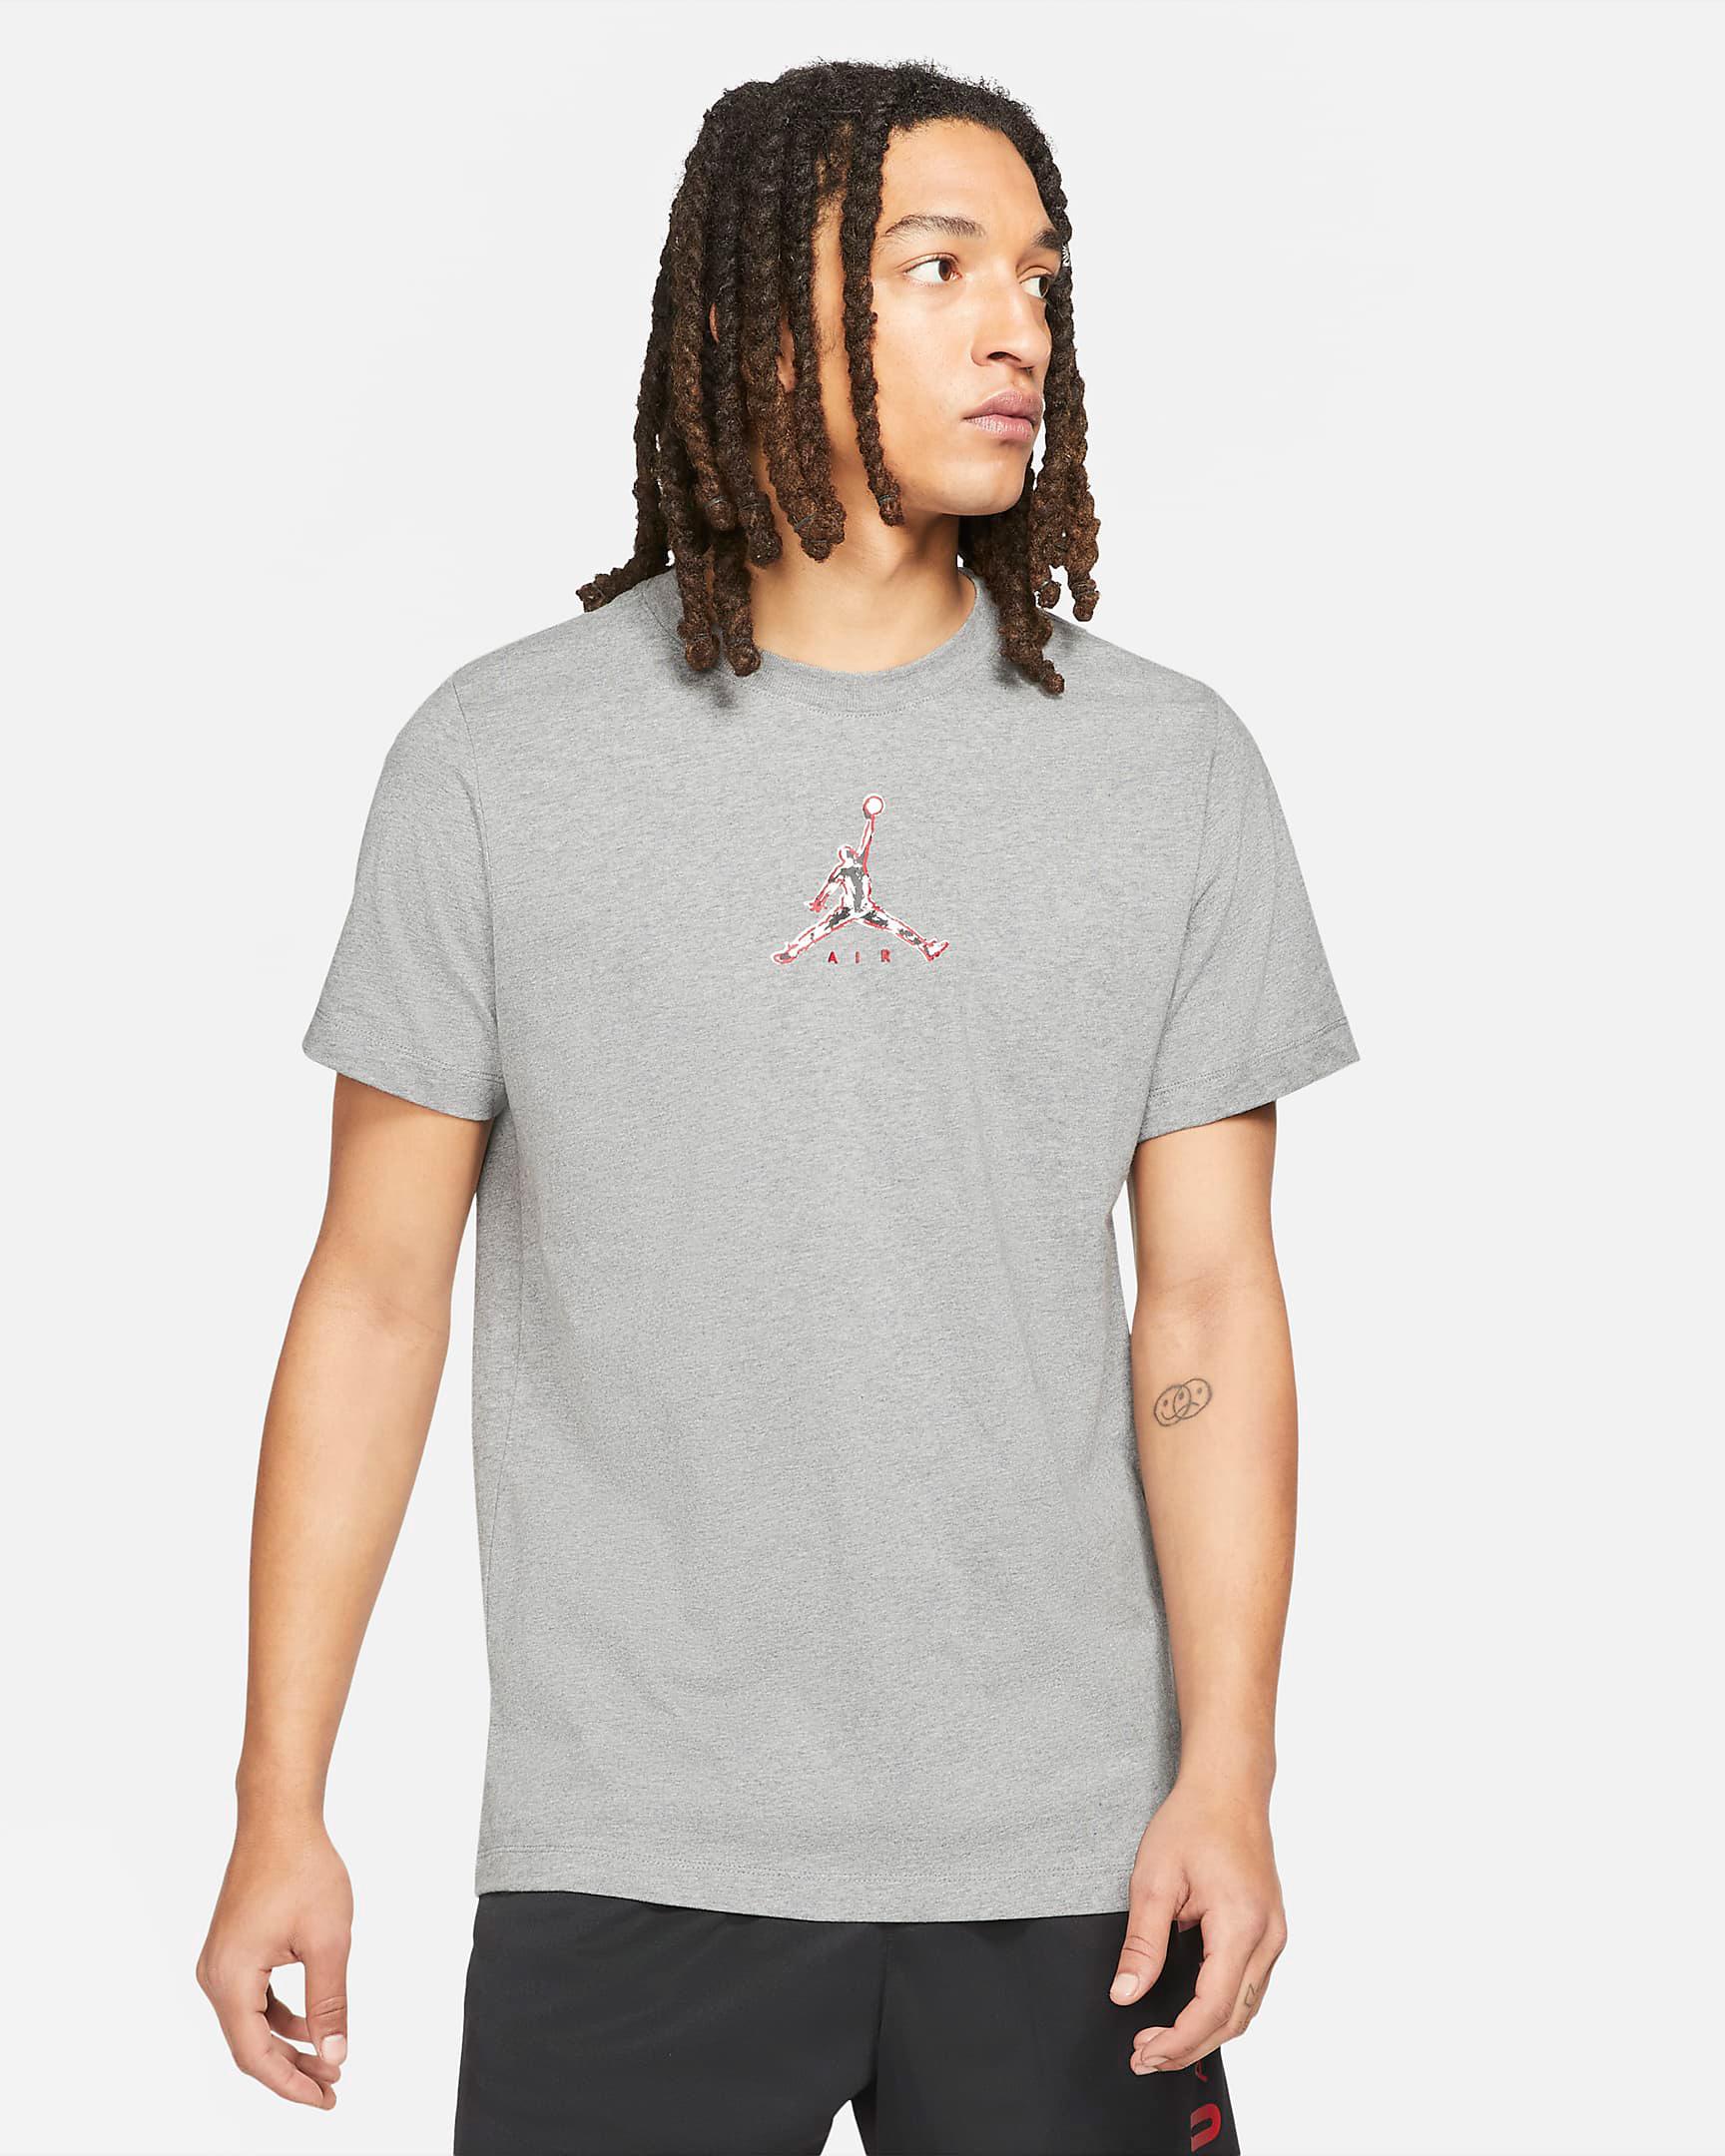 jordan-23-swoosh-shirt-grey-red-1